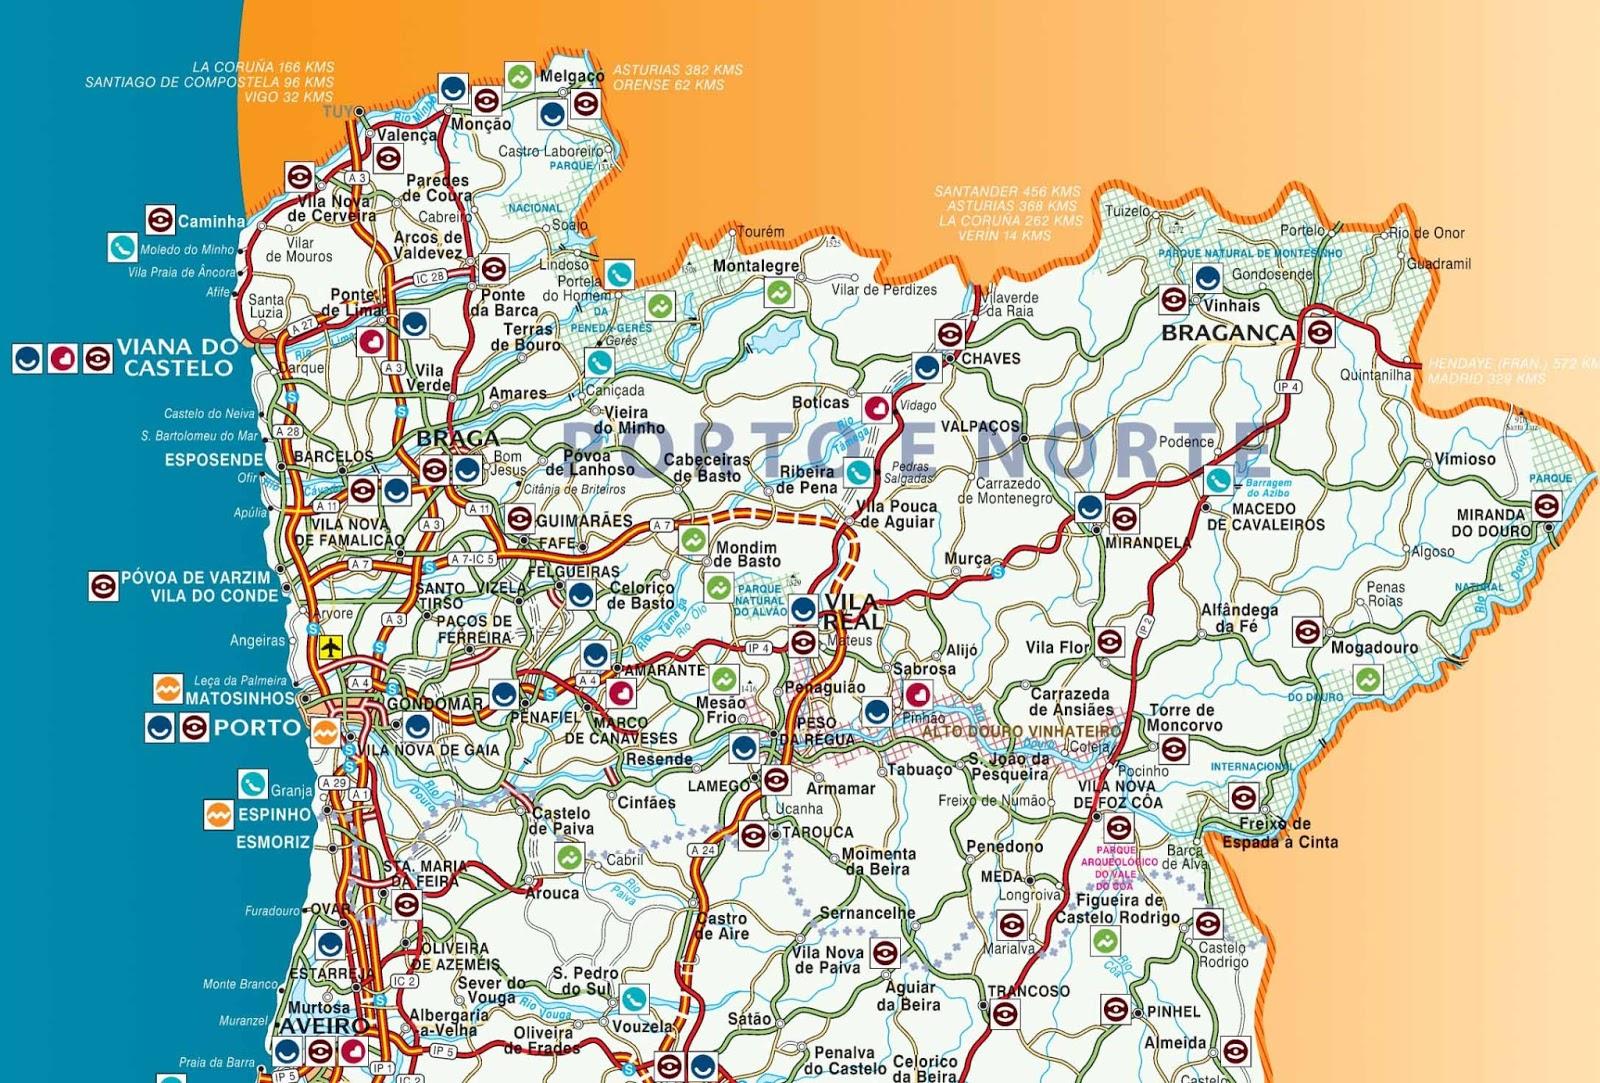 aeroportos em espanha mapa Mapas de Braga   Portugal | MapasBlog aeroportos em espanha mapa